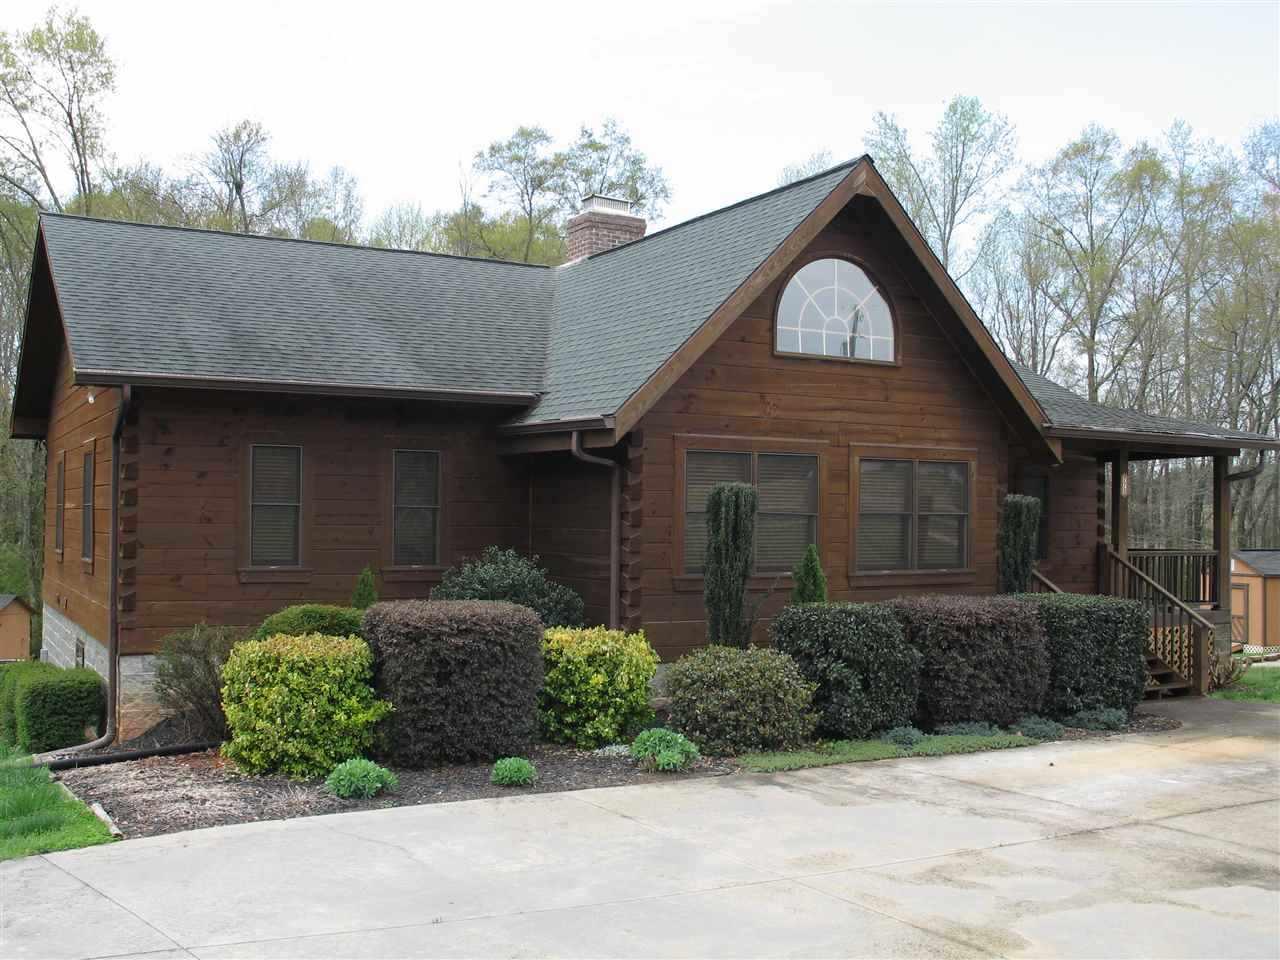 Real Estate for Sale, ListingId: 35261347, Honea Path,SC29654